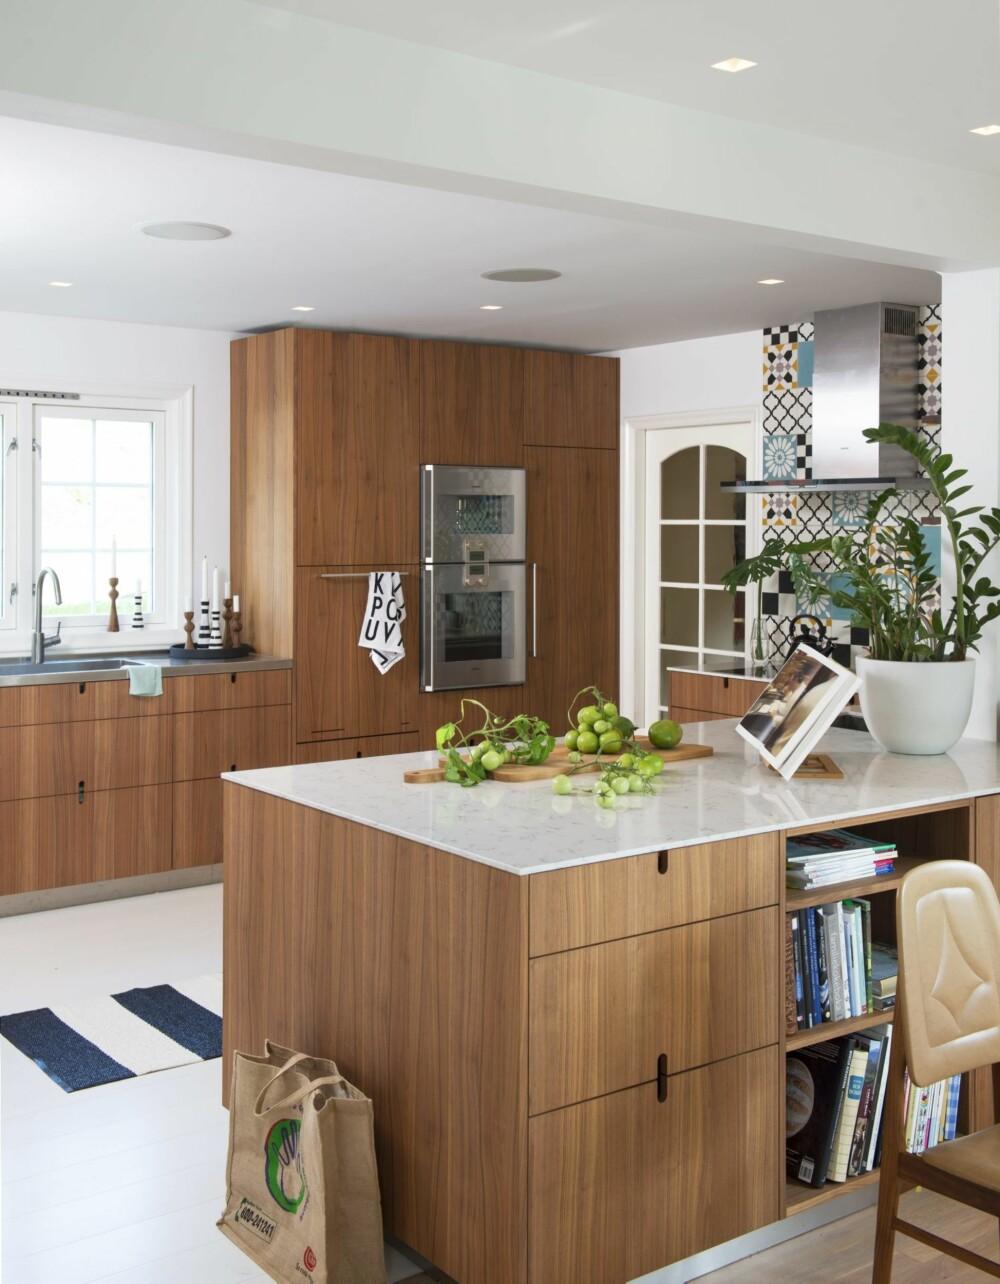 GJENNOMTENKT: Vasken ved vinduet har benkeplate i stål. Oppvaskmaskinen er plassert i skapet hvor kjøkkenhåndkleet henger på håndtaket. Matten på det malte furugulvet kommer fra Pappelina. Kokebokstativ fra Åhléns. Kjøkkenhåndkle med bokstaver, design Arne Jacobsen, kjøpt på Bolina. Styling: Juni Hjartholm.